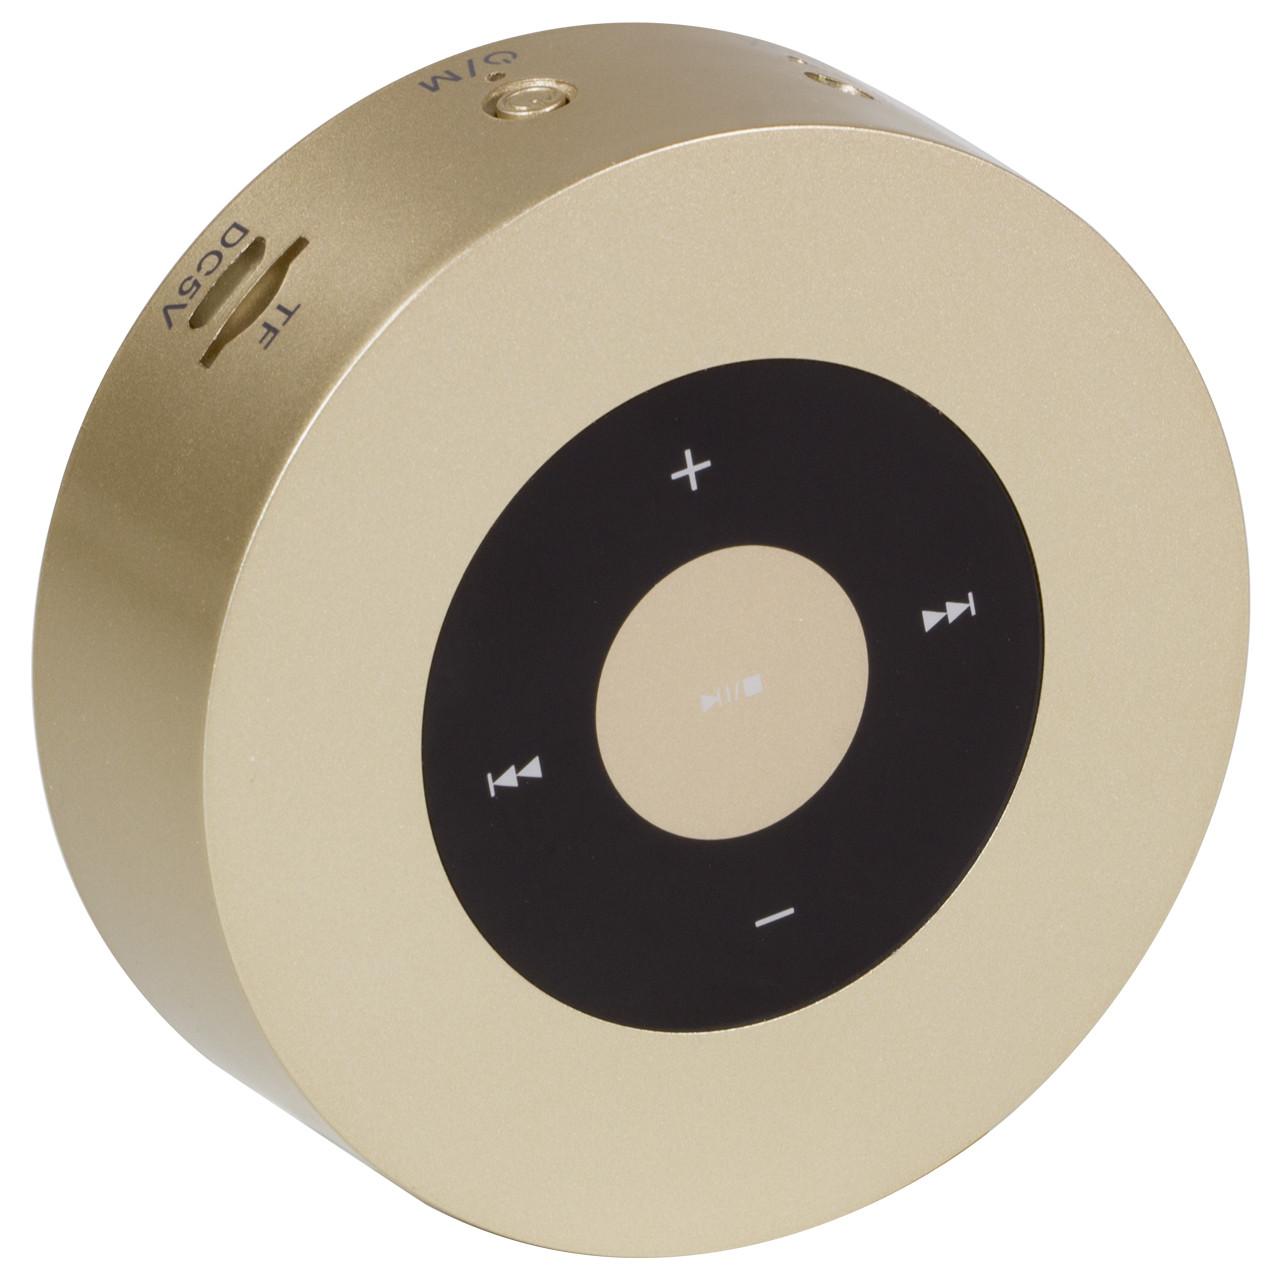 Мини-колонка BL Keling A8 золотистая беспроводная музыкальная для смартфона компьютера ноутбука AUX microSD